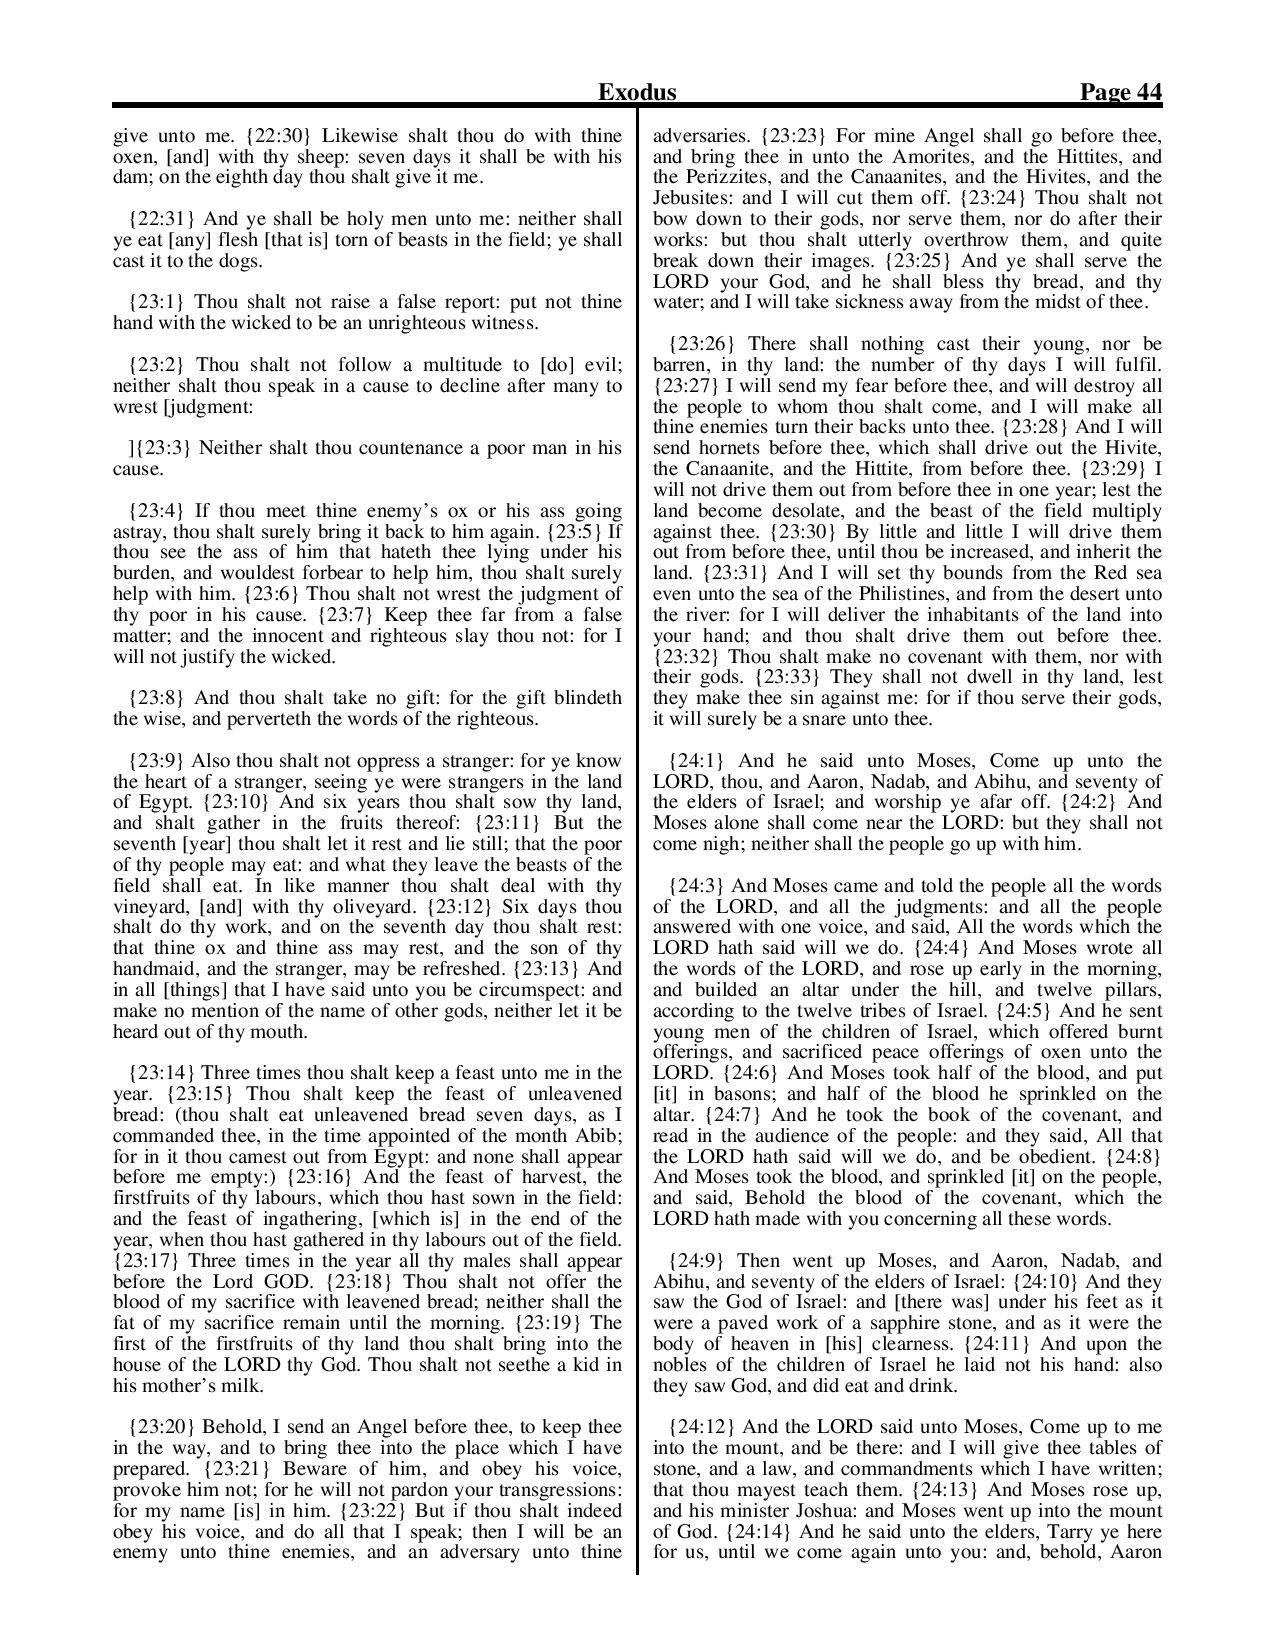 King-James-Bible-KJV-Bible-PDF-page-065